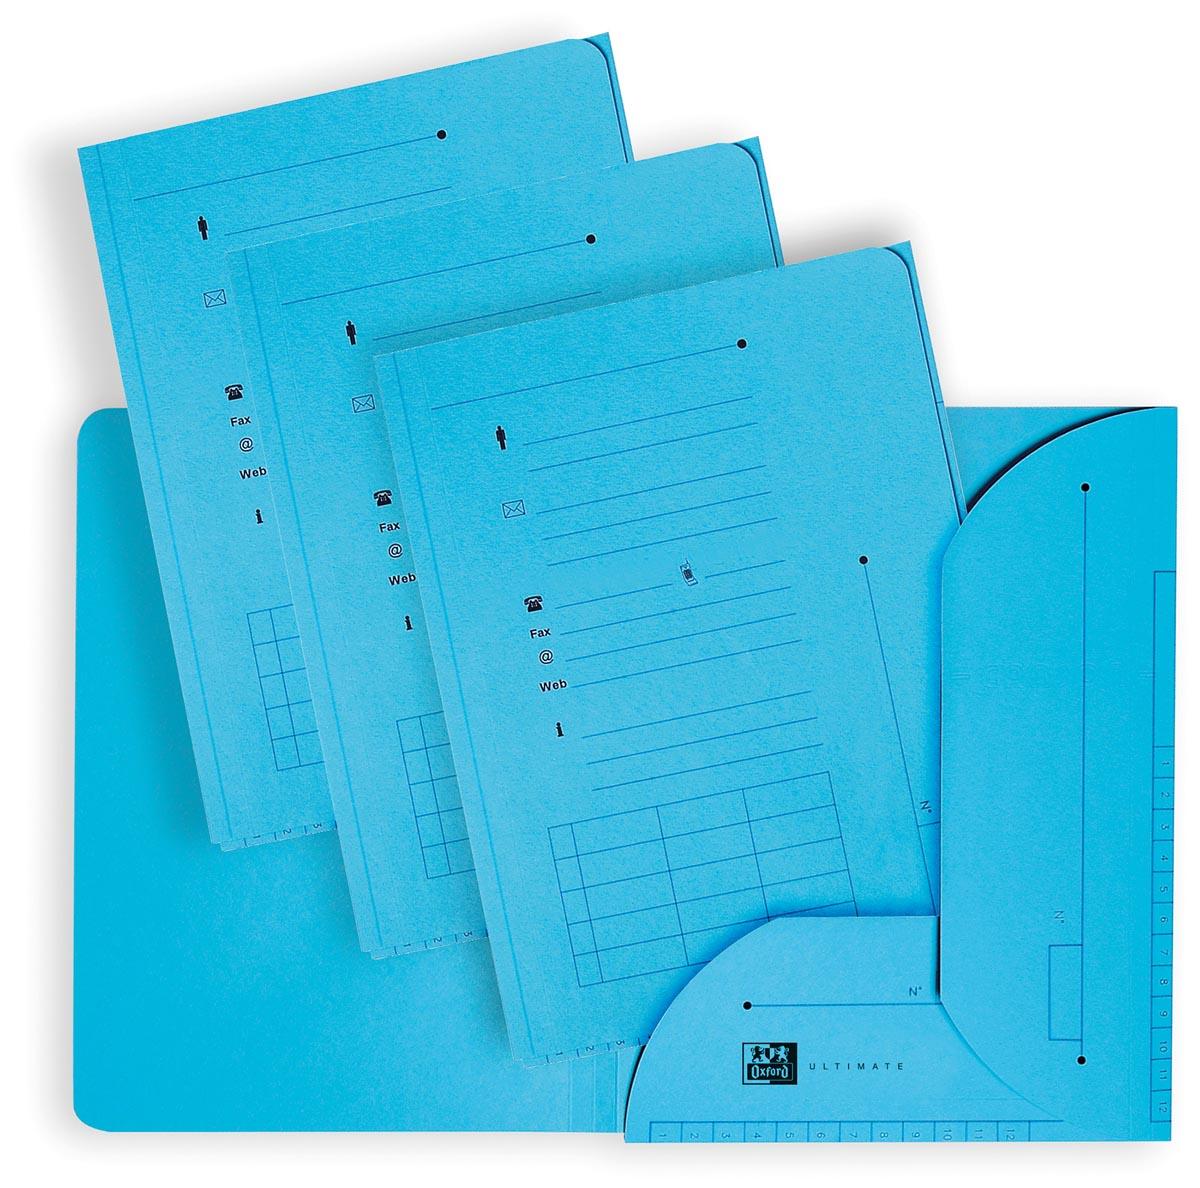 OXFORD Ultimate dossiermap, formaat A4, uit karton, met 2 kleppen, pak van 25 stuks, blauw